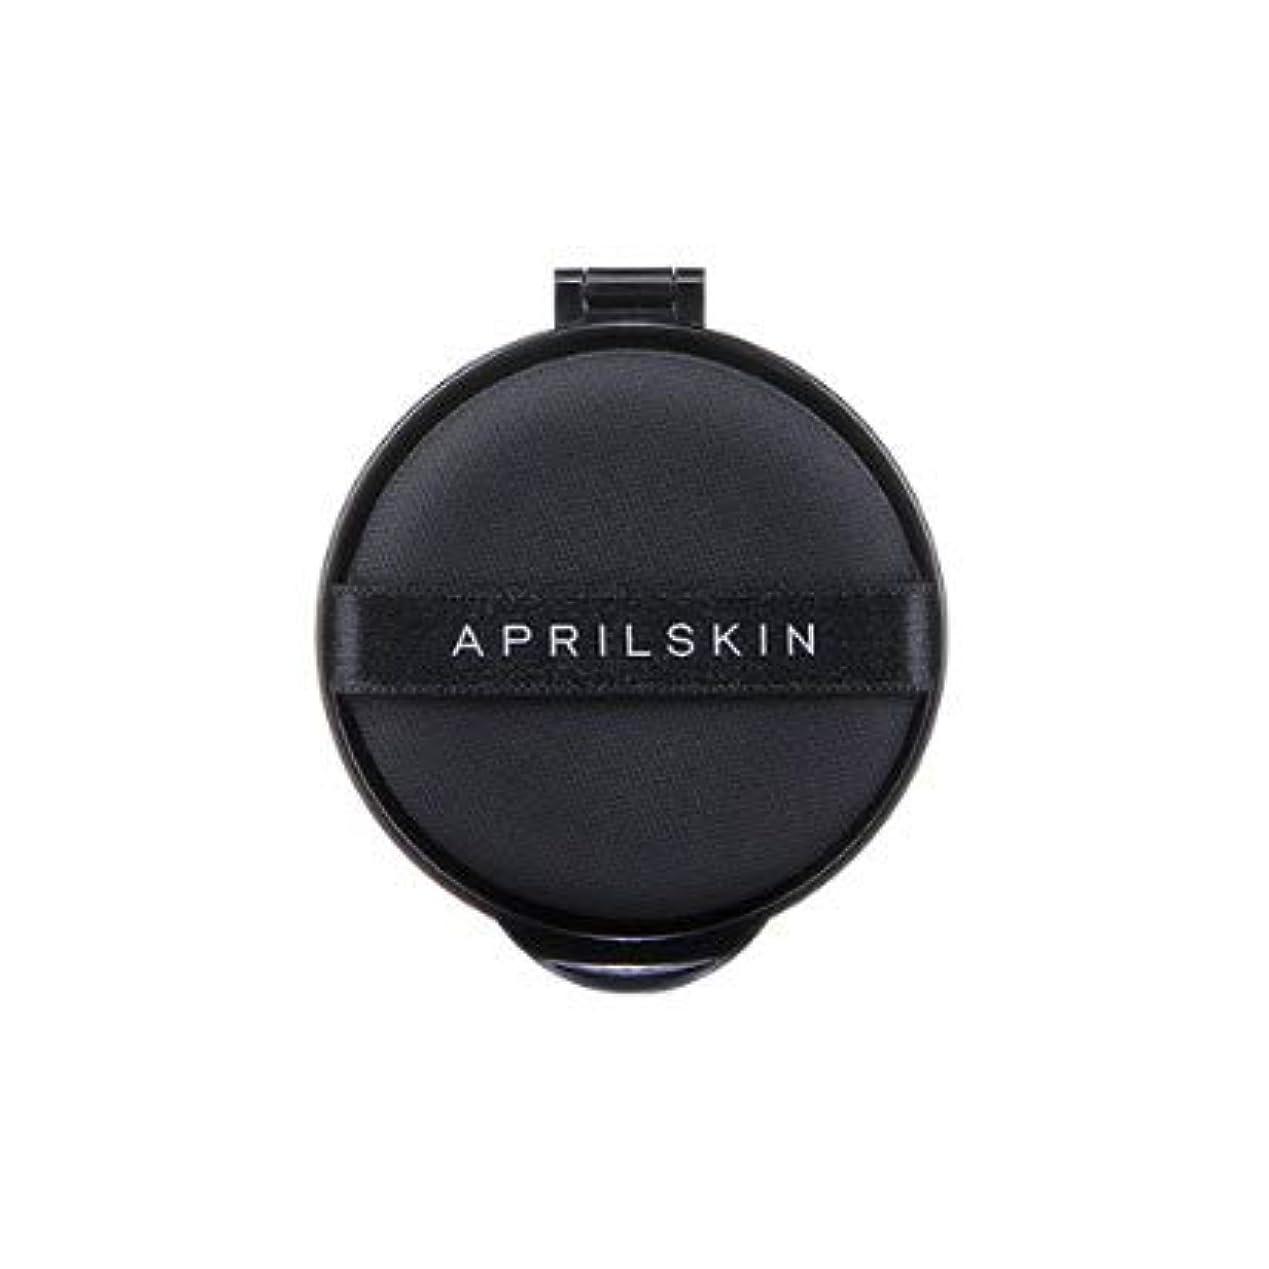 円形の名目上のモンキーエイプリル スキン(APRIL SKIN) パーフェクトマジックカバーフィットクッション (リフィル) 13g / APRILSKIN PERFECT MAGIC COVER FIT CUSHION (REFILL) 13g...